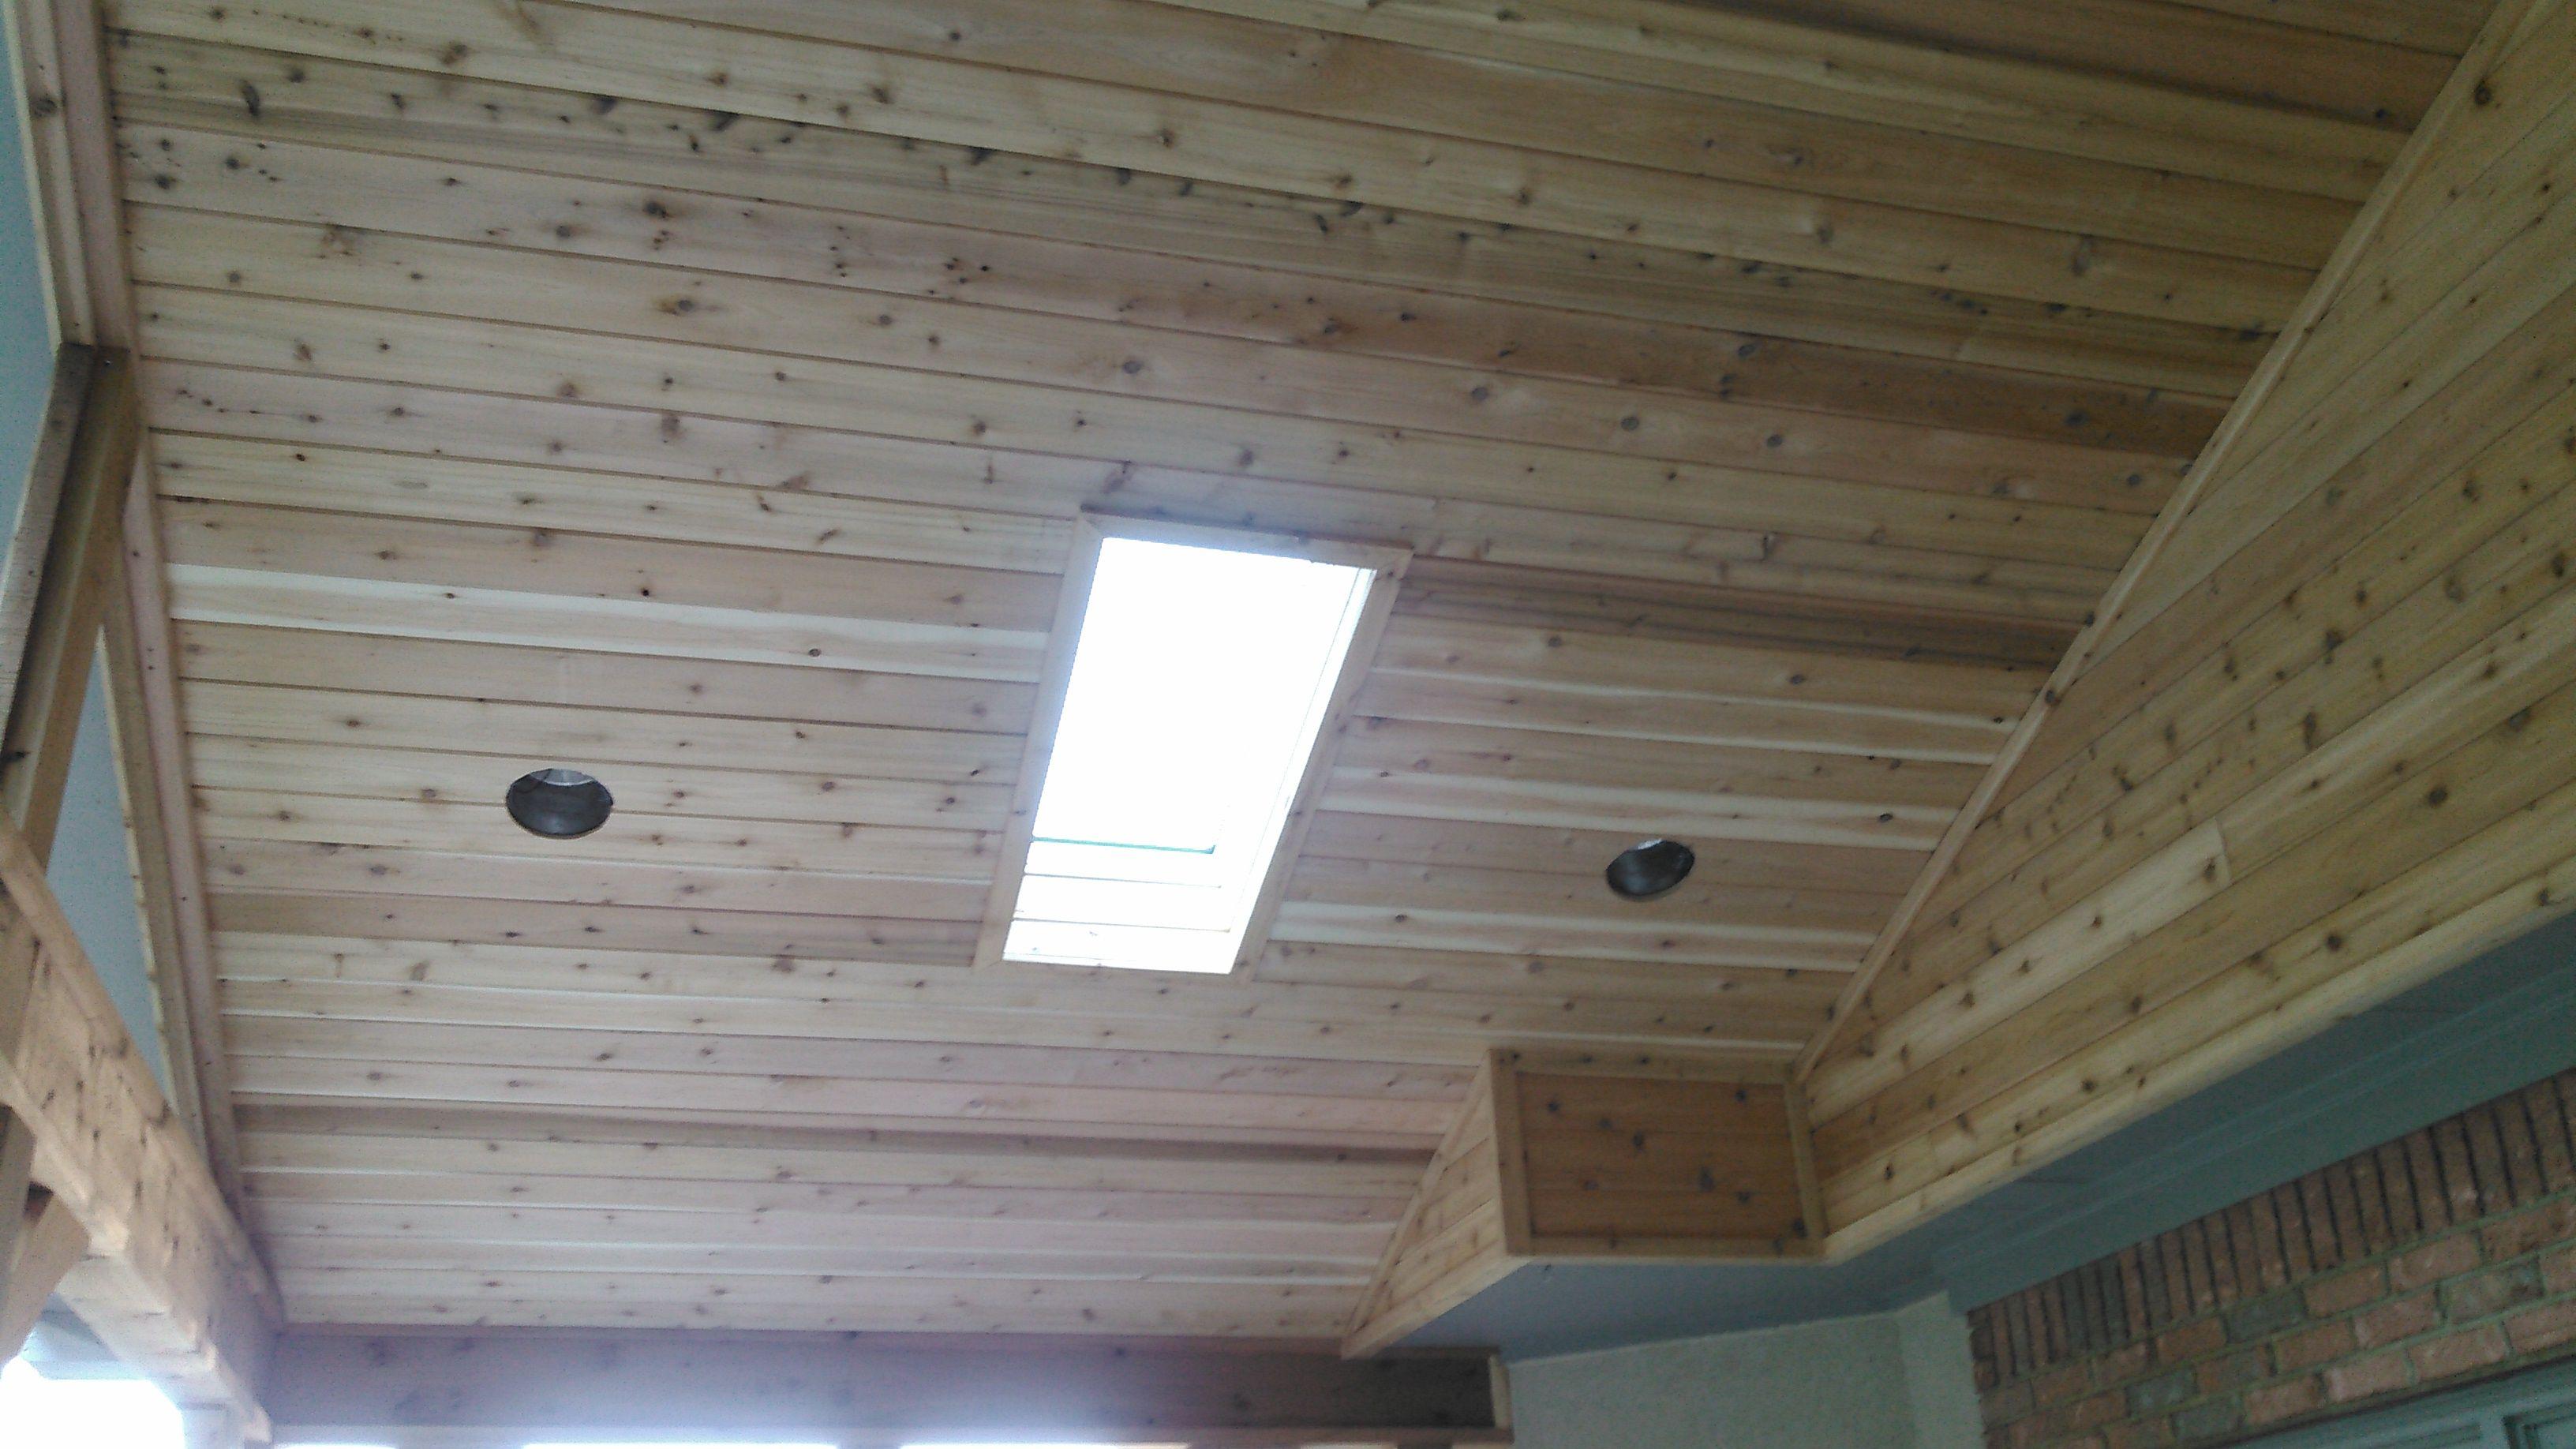 Cedar Ceiling With Skylight Design Ideas Archadeck House With Porch Patio Lighting Skylight Design